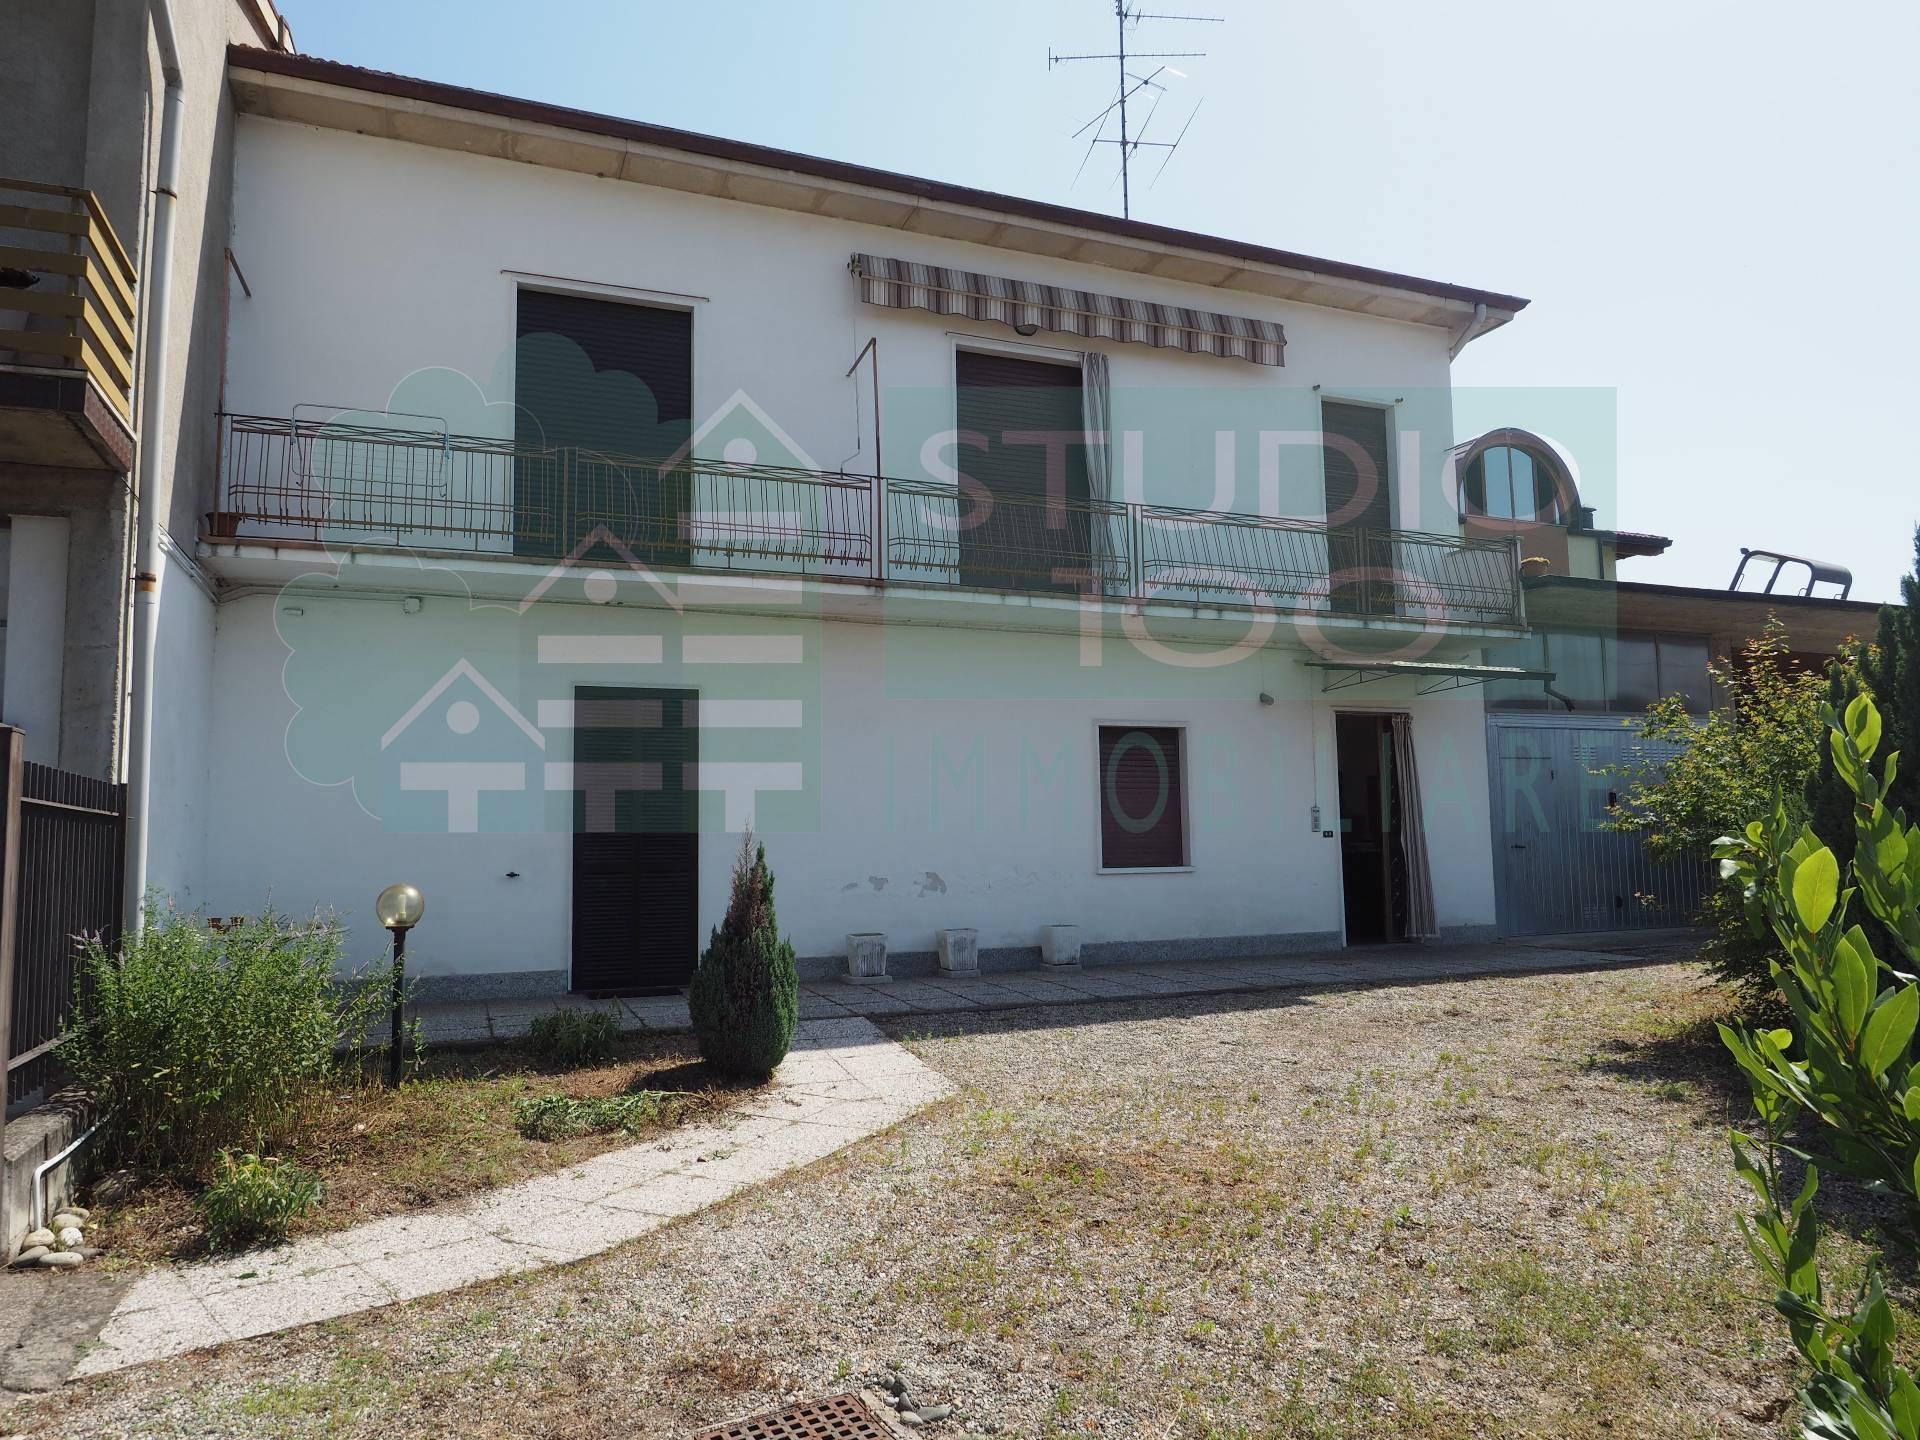 Soluzione Indipendente in vendita a Casorate Sempione, 5 locali, prezzo € 98.000 | Cambio Casa.it